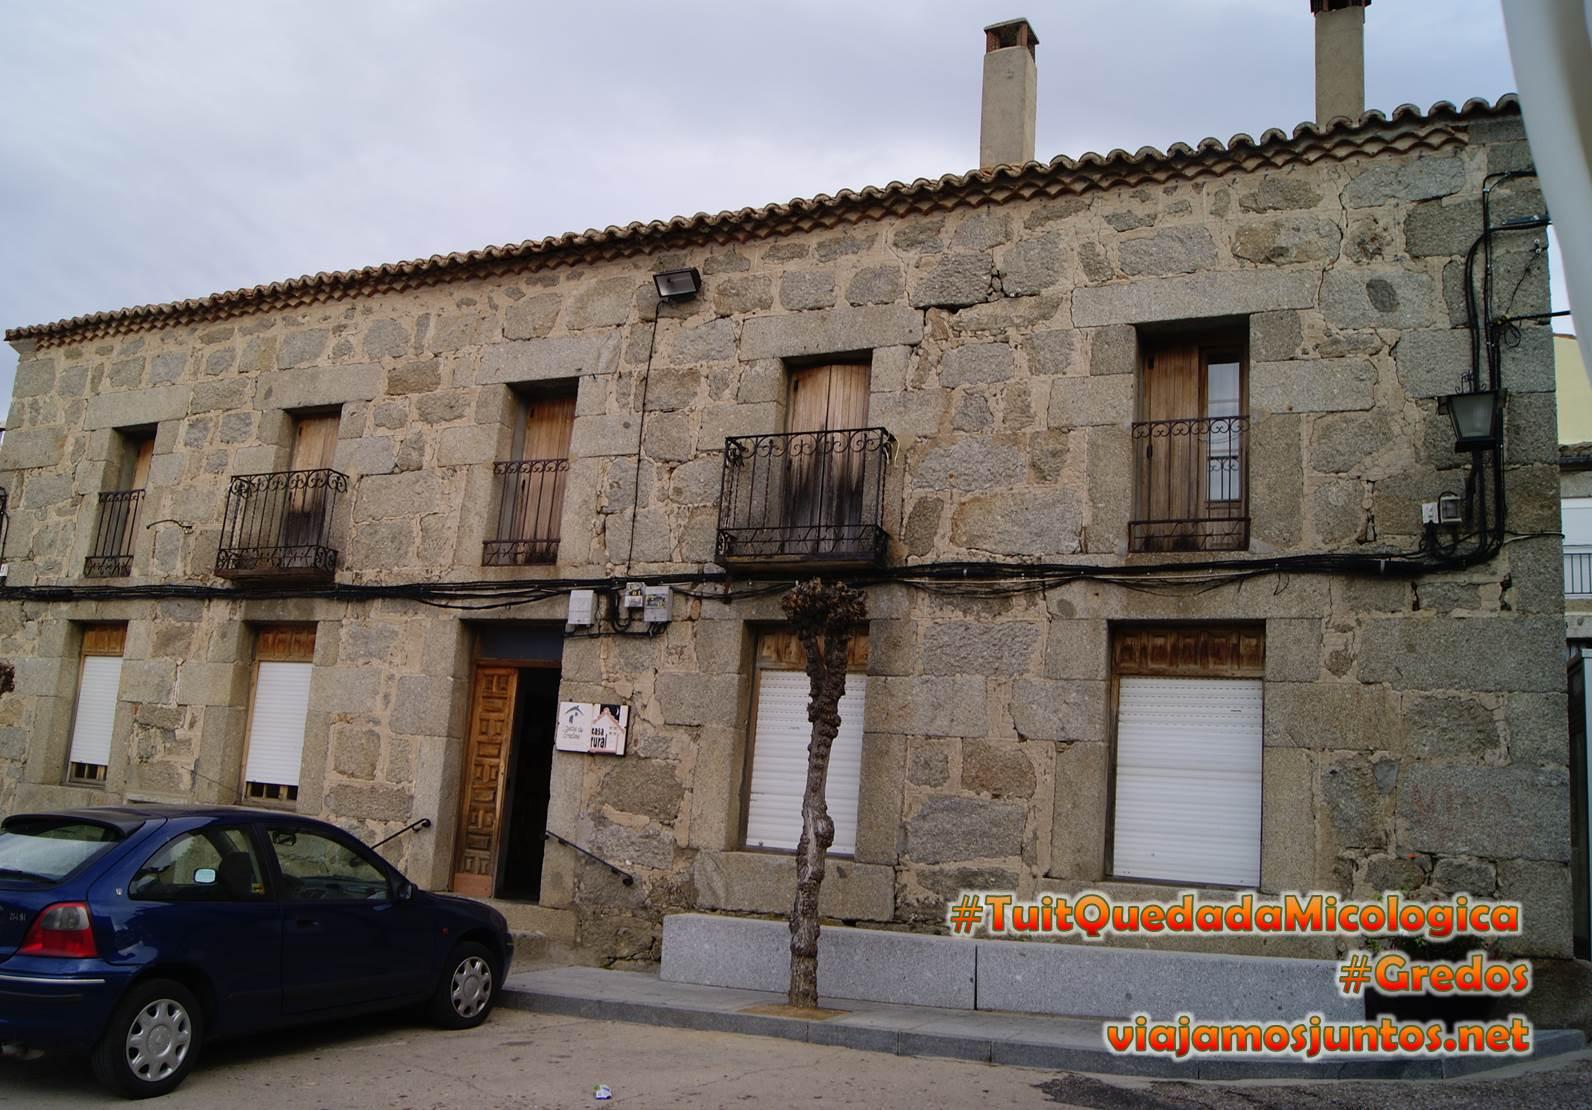 Casa rural Los Cuatro Balcones, Hoyocasero, Gredos, durante la #TuitQuedadaMicologica